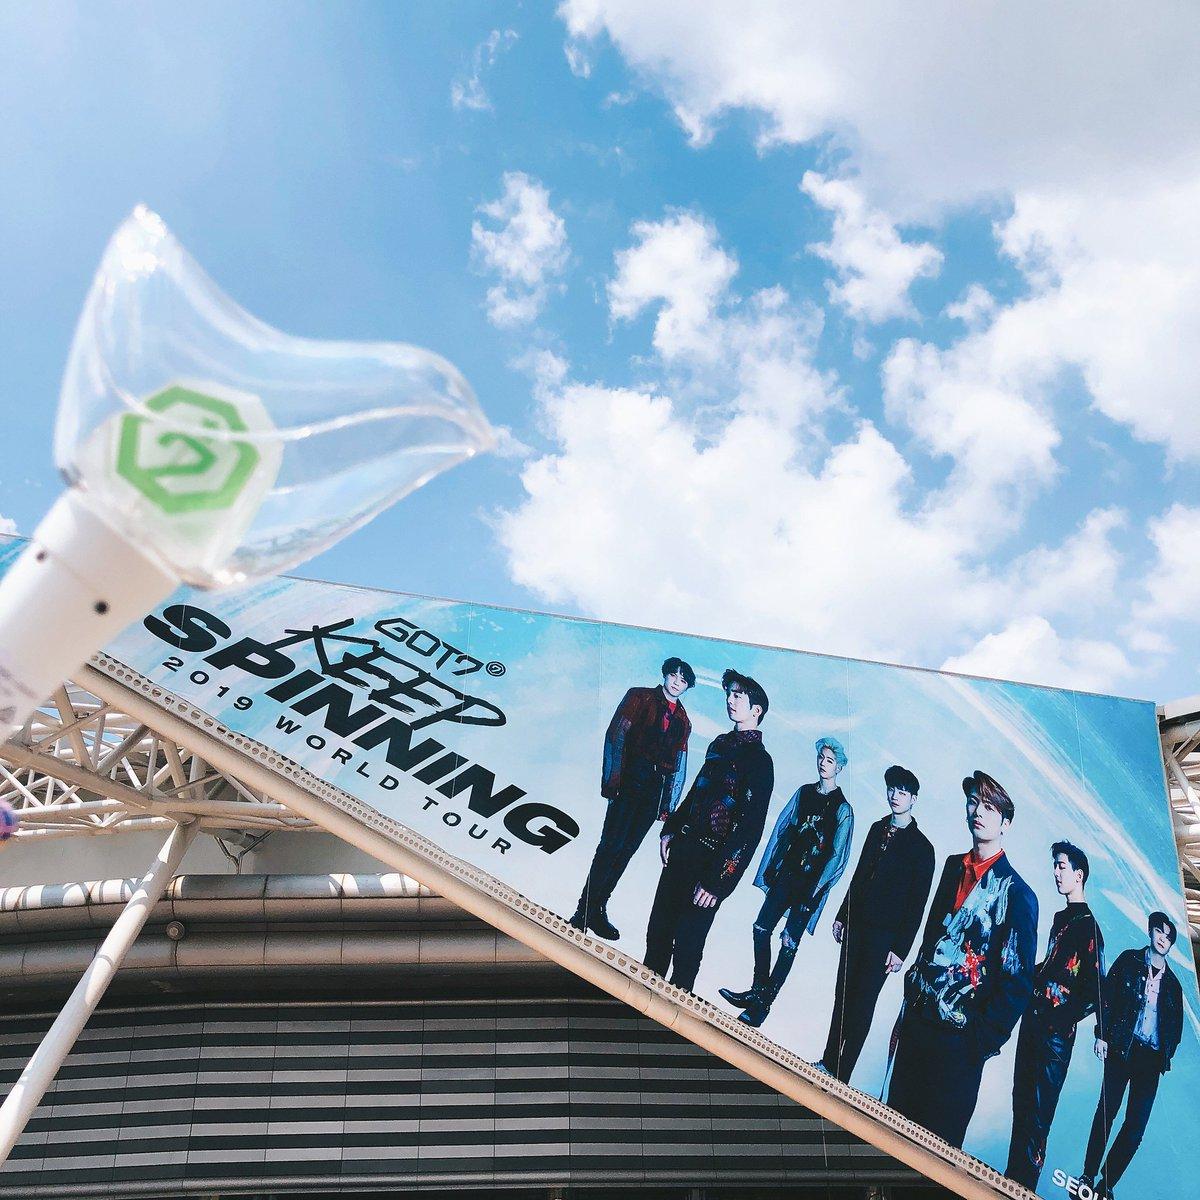 ตารางงาน GOT7 16 มิ.ย. เวลาไทย  15:00 น : GOT7 2019 WORLD TOUR 'KEEP SPINNING' IN SEOUL Day2 at KSPO Dome  #GOT7  #갓세븐  #GOT7WORLDTOUR  #GOT7_KEEPSPINNING   #GOT7_SPINNINGTOP <br>http://pic.twitter.com/LbLdxw7o2D